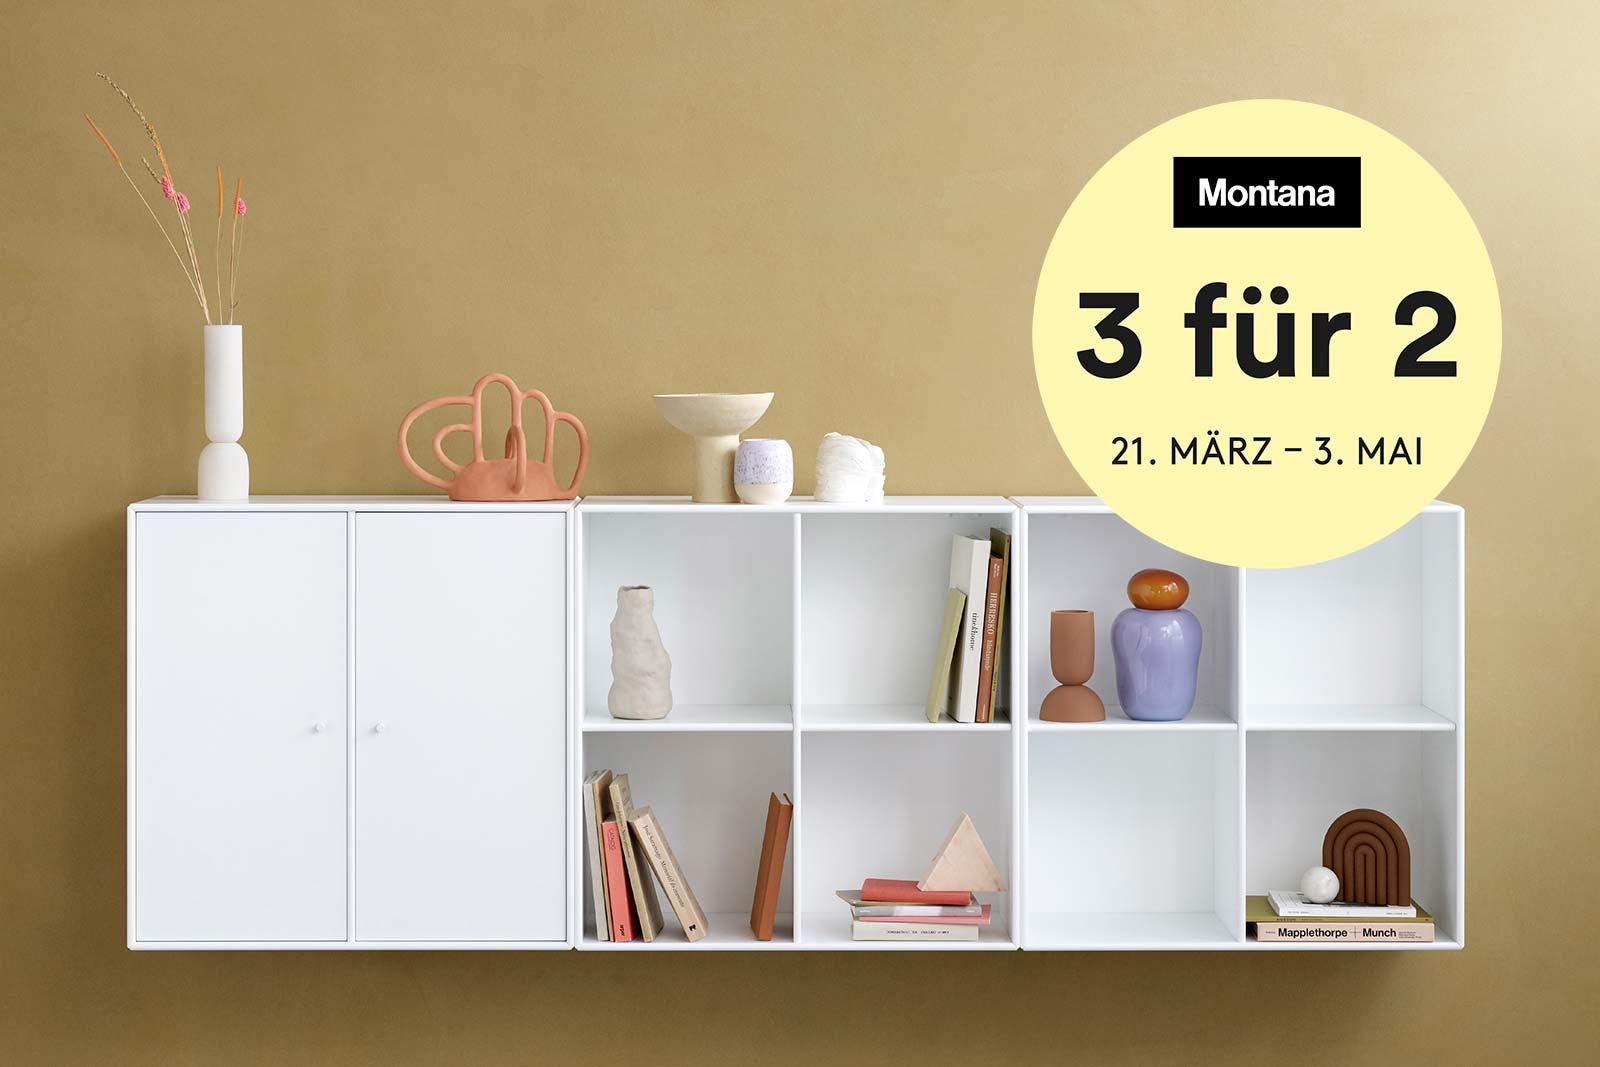 """Montana """"3 für 2"""" Kampagne 2020, Boutique Danoise Basel Daenische Designer Moebel Accessoires Wohnen News"""